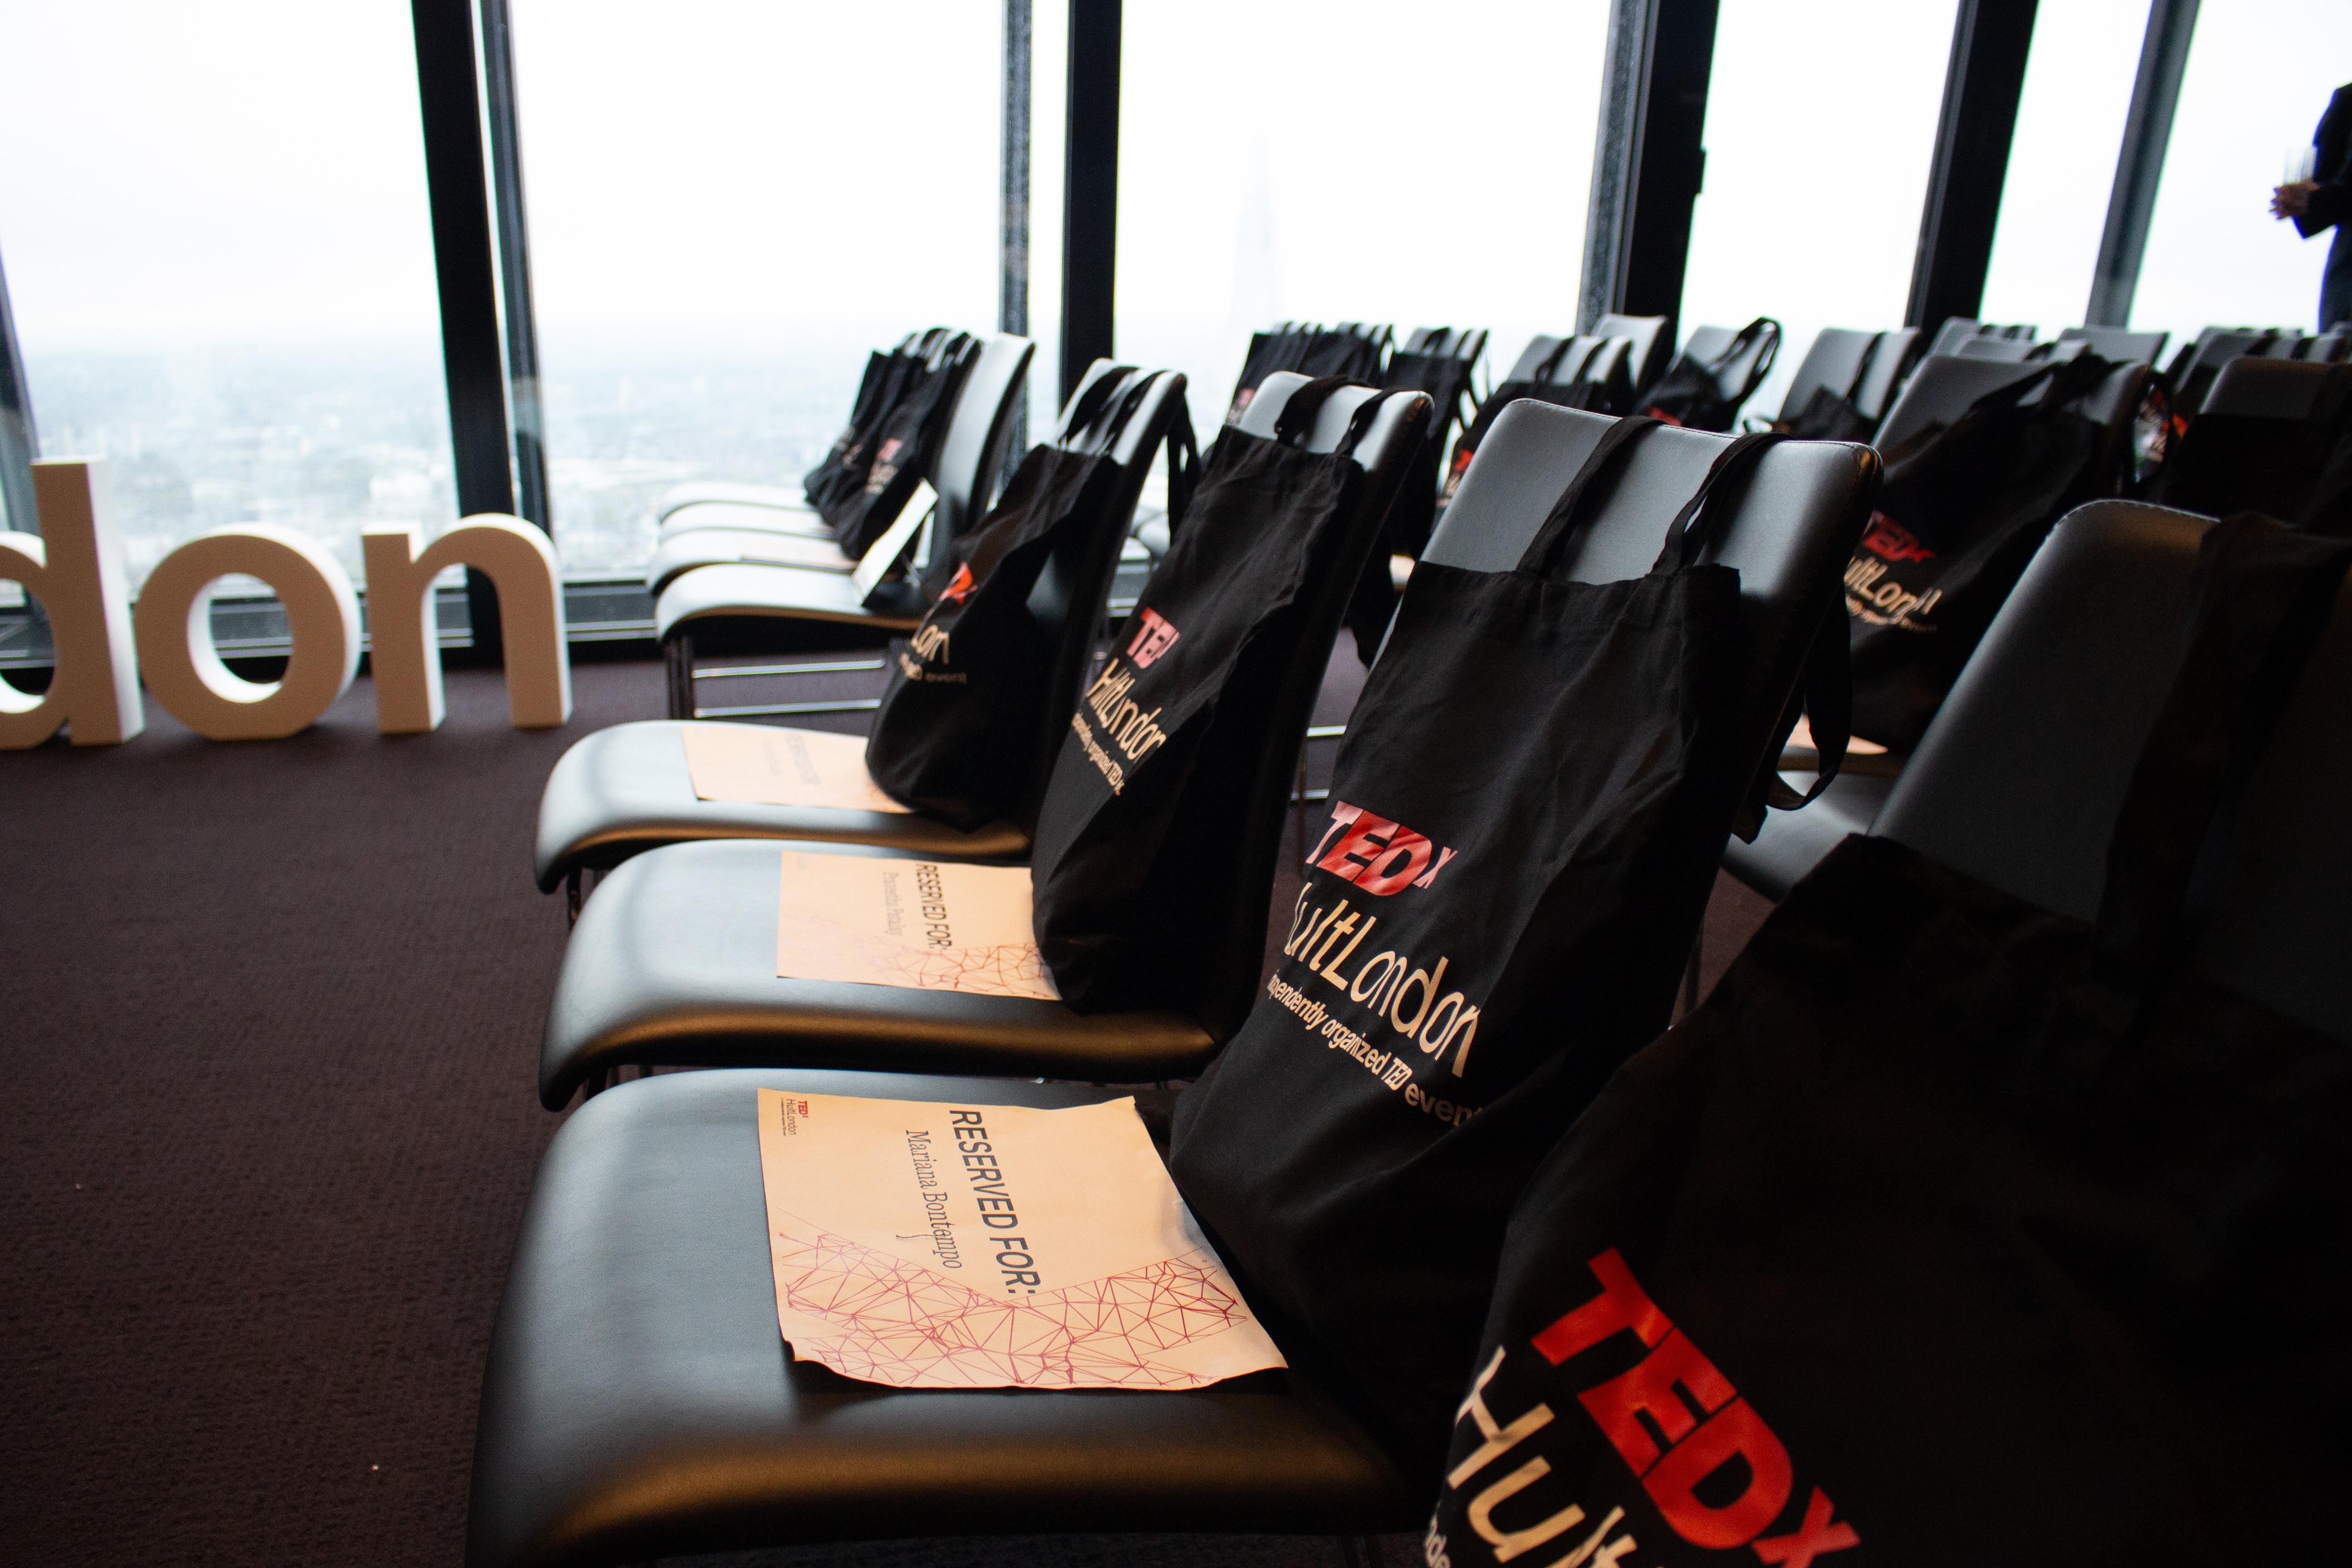 TEDxHult London room